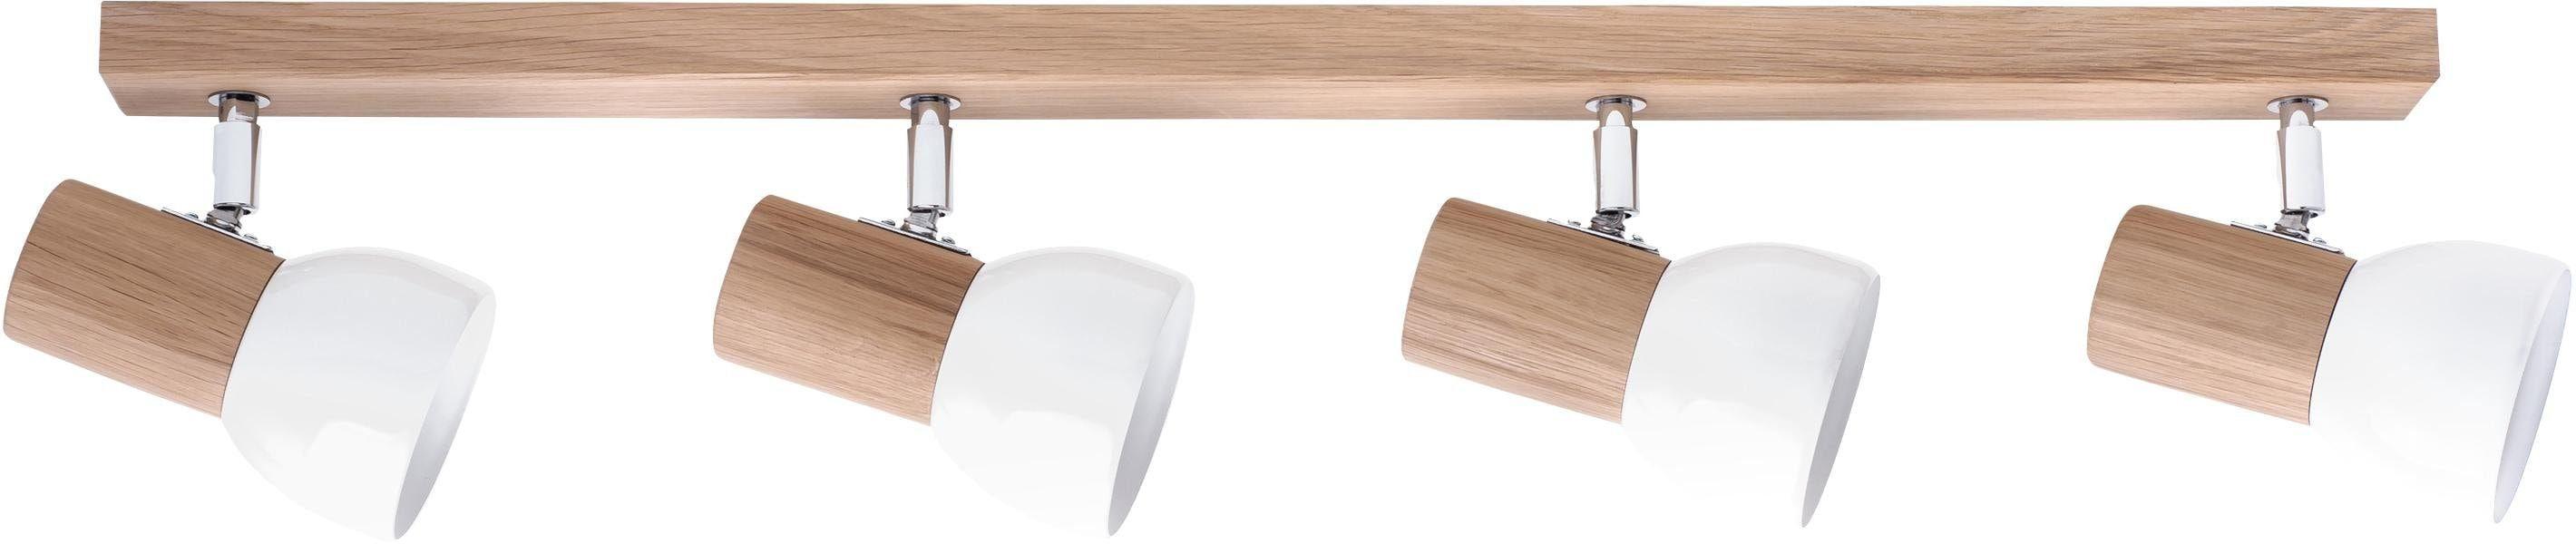 SPOT Light Deckenleuchte SVENDA, E27, Naturprodukt aus Massivholz, Nachhaltig mit FSC-Zertifikat, Mit flexiblen Spots, Schirm aus Metall, Passende LM E27, Made in EU